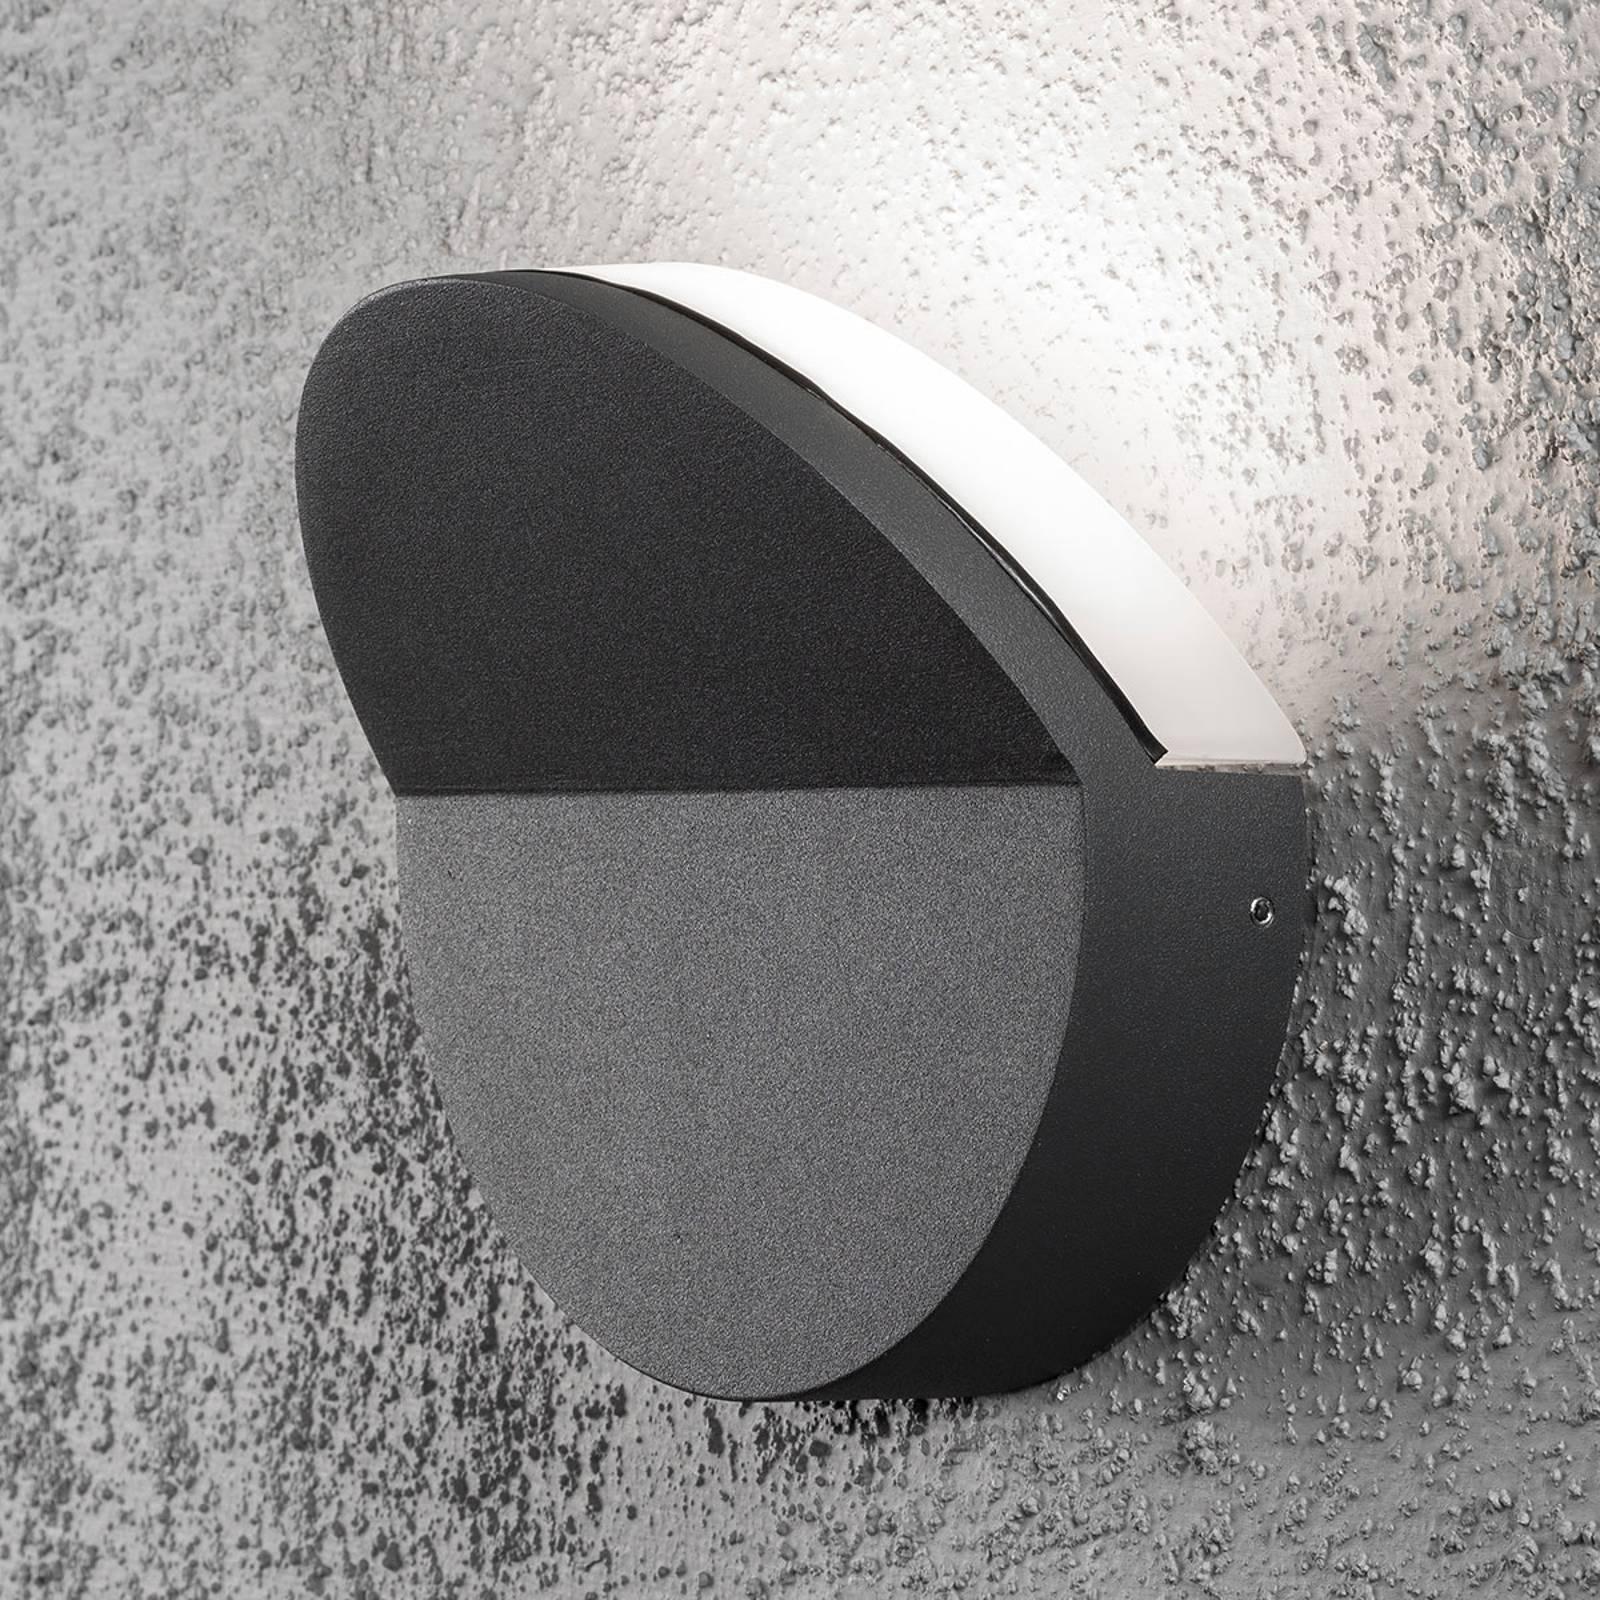 Matera – ylöspäin loistava LED-ulkoseinävalaisin